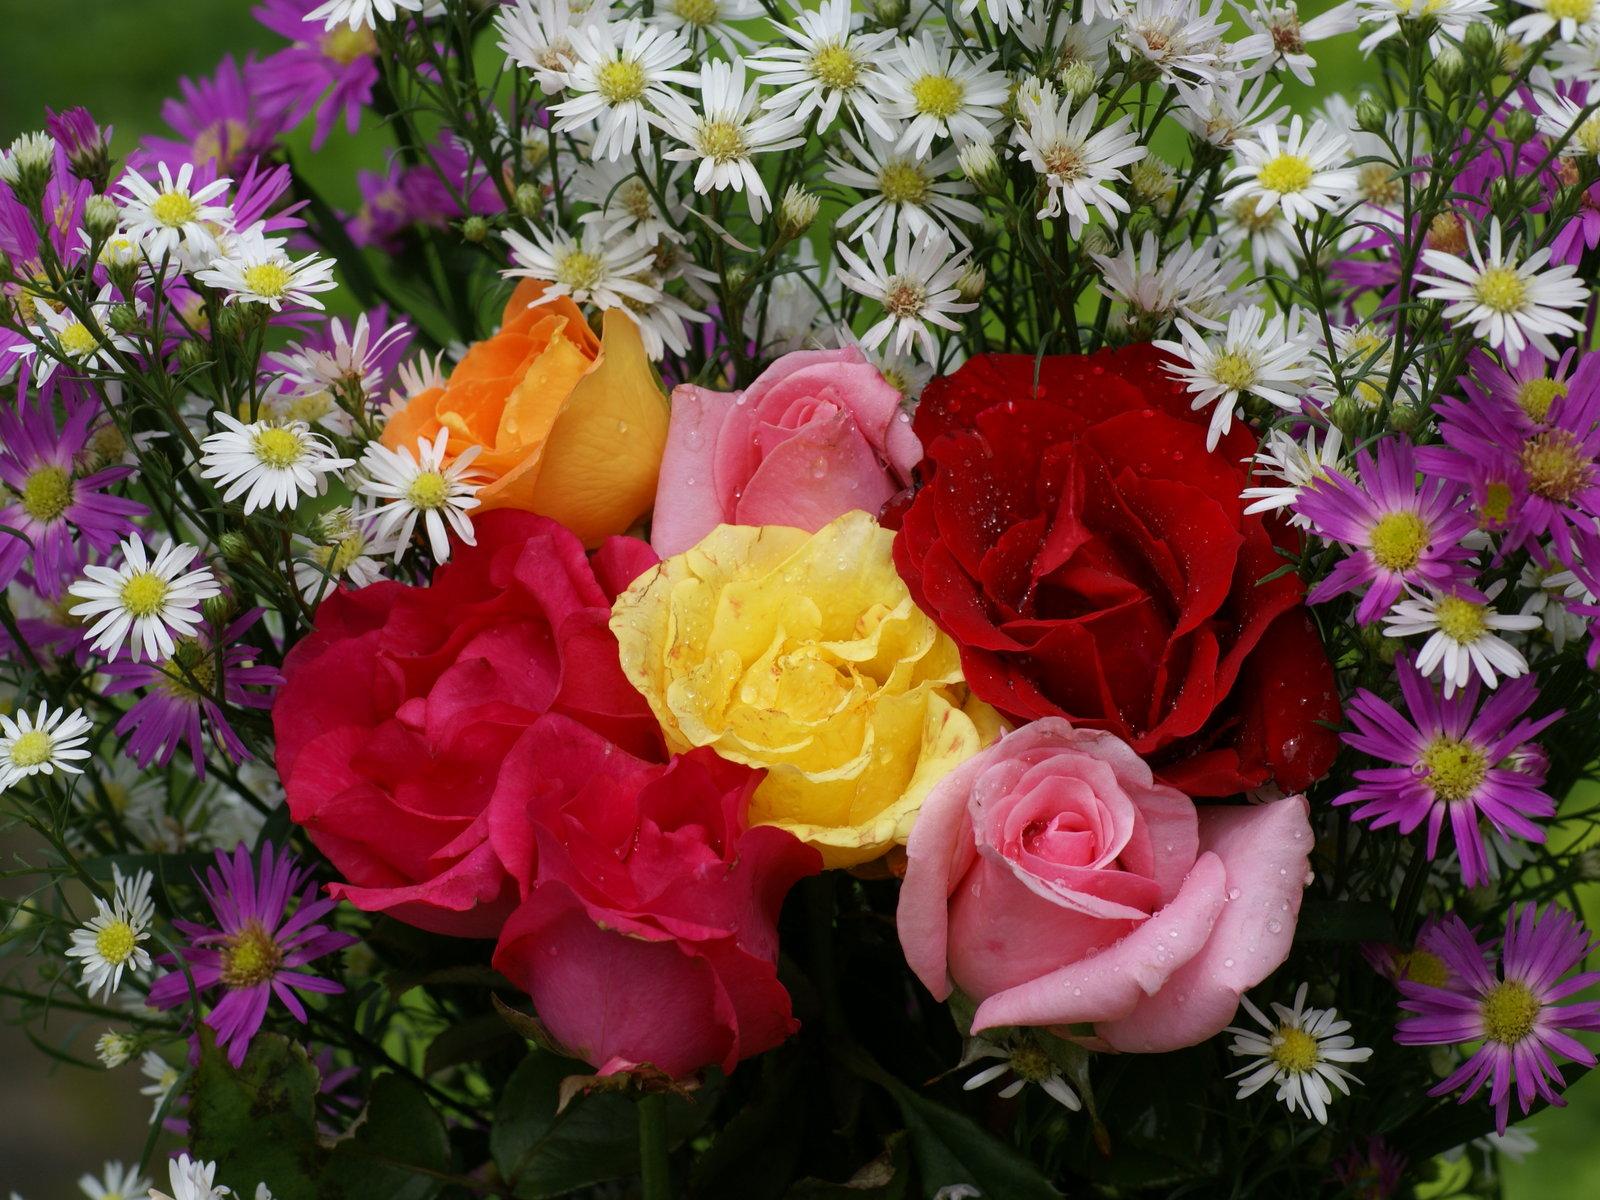 Imagenes de las rosas mas bonitas - Flores mas bonitas ...